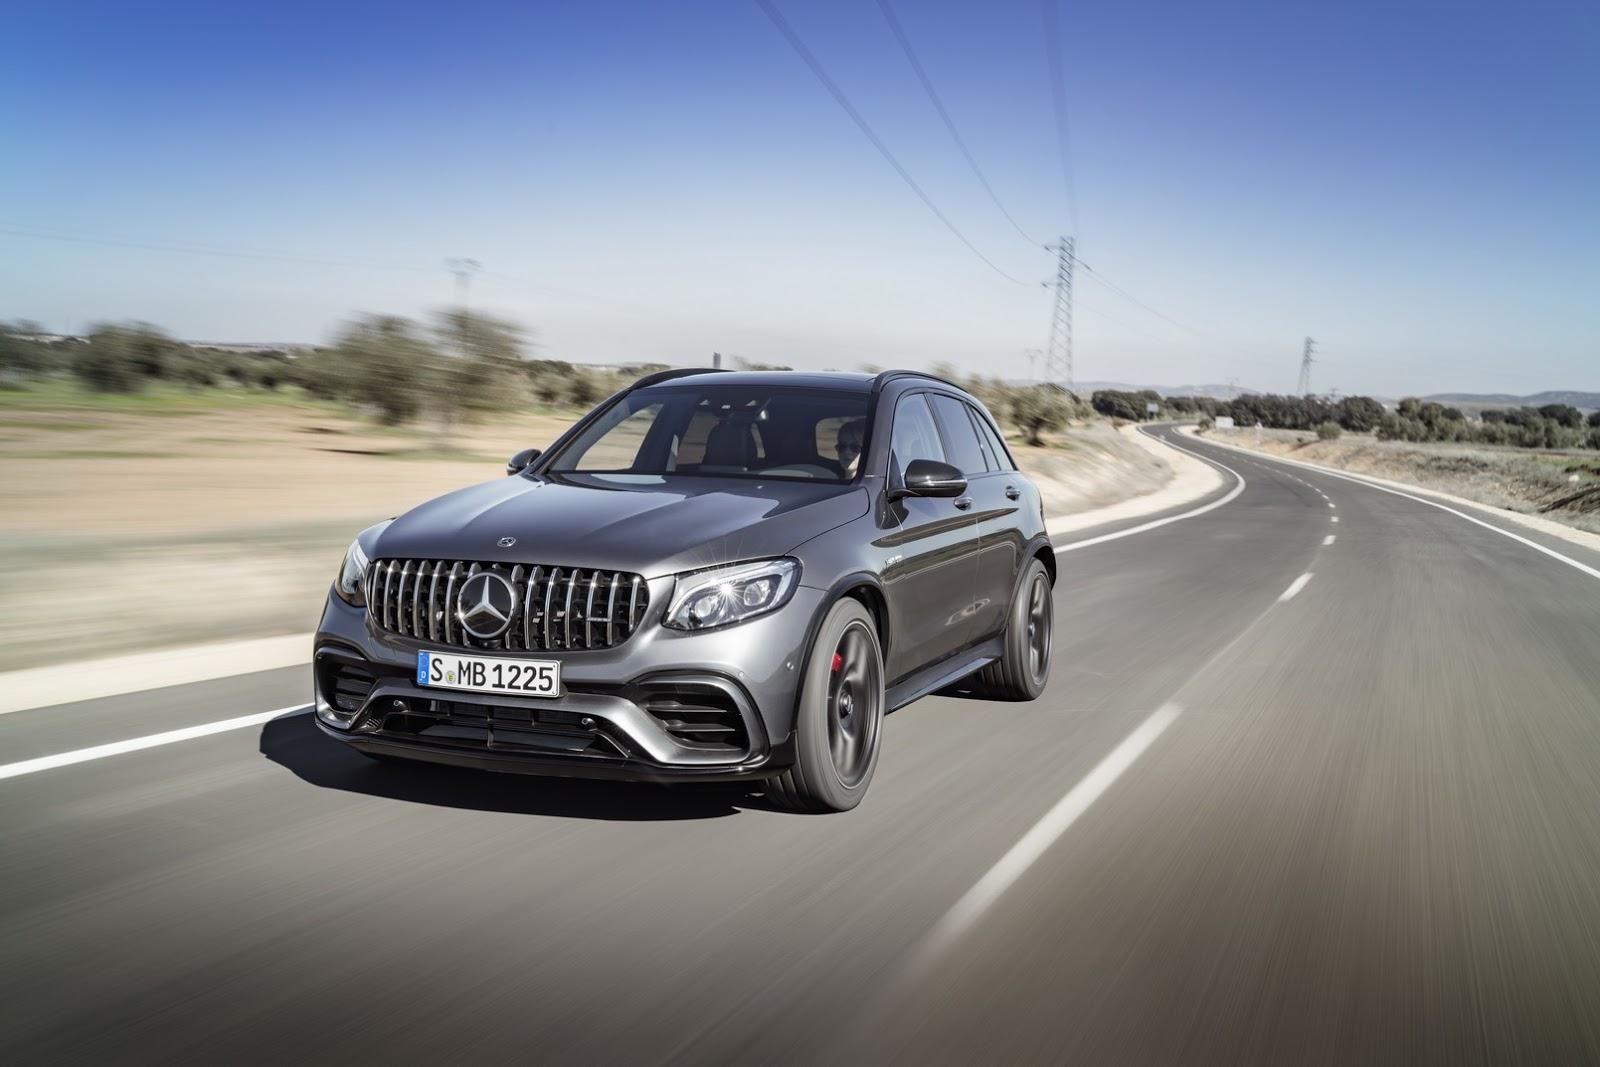 Mercedes-AMG GLC 63 2018 (12)